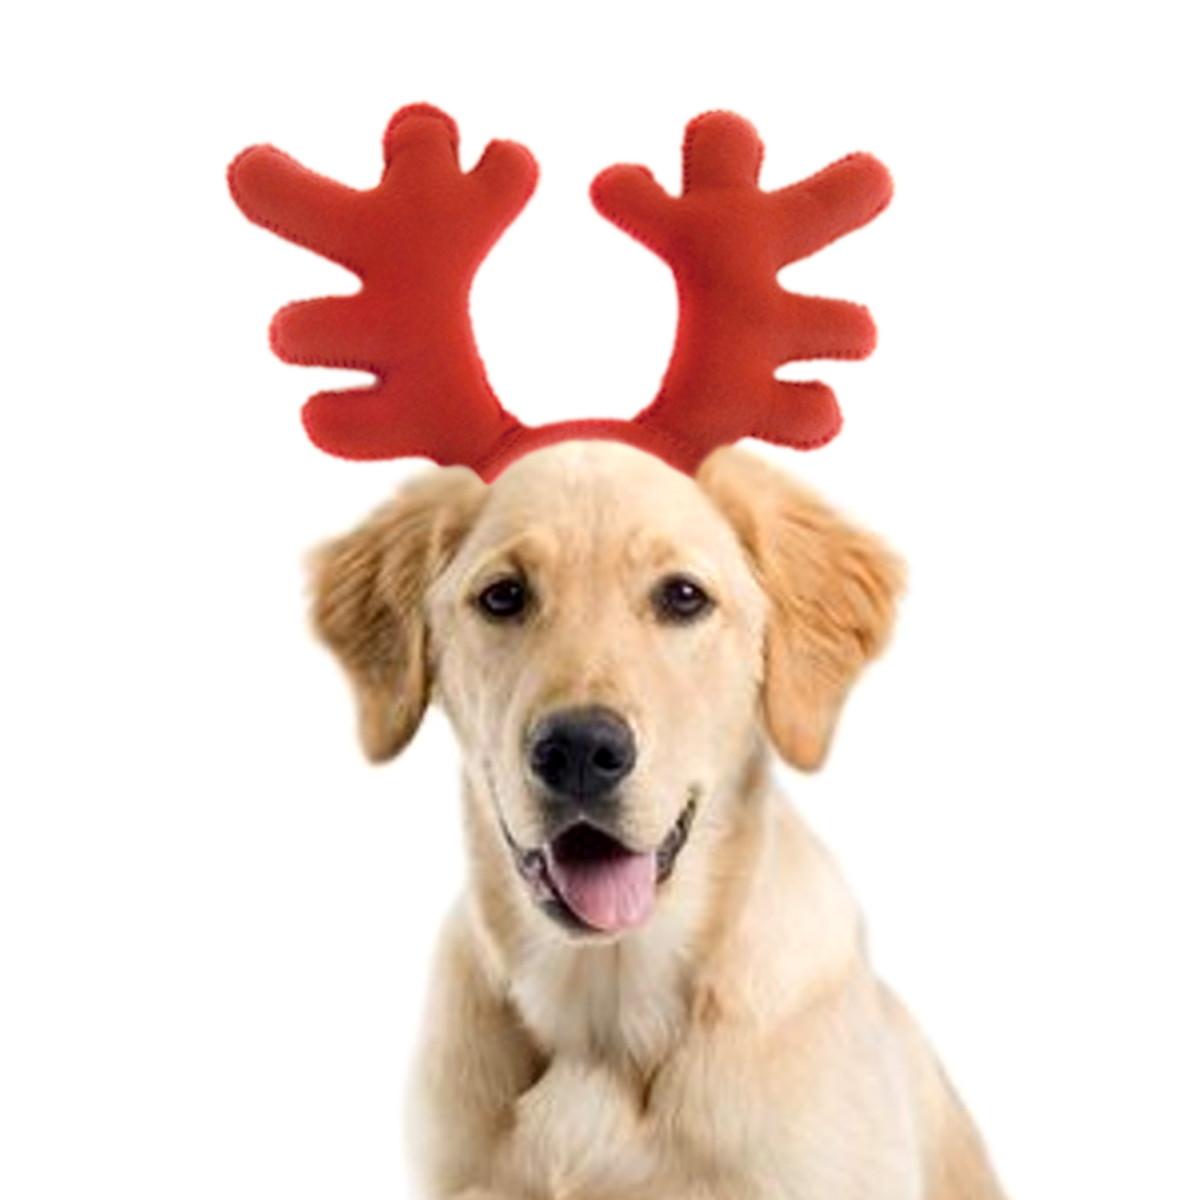 80d84a12672bd Chifre Rena Natalina Pet Em Feltro cão Médio e Grande Porte no Elo7 ...